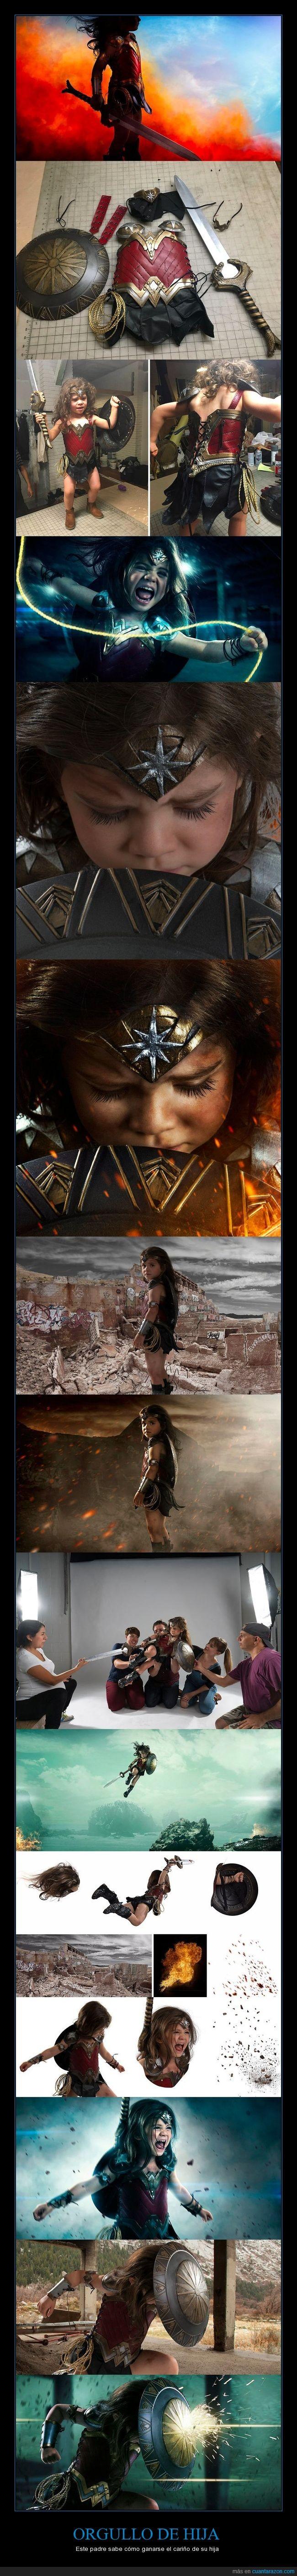 fotografía,niña,superheroína,wonder woman